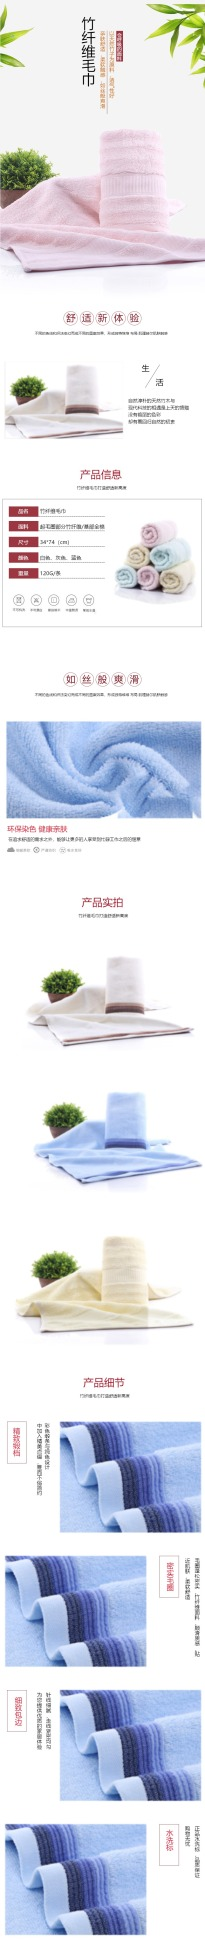 清新简约竹纤维毛巾电商详情页